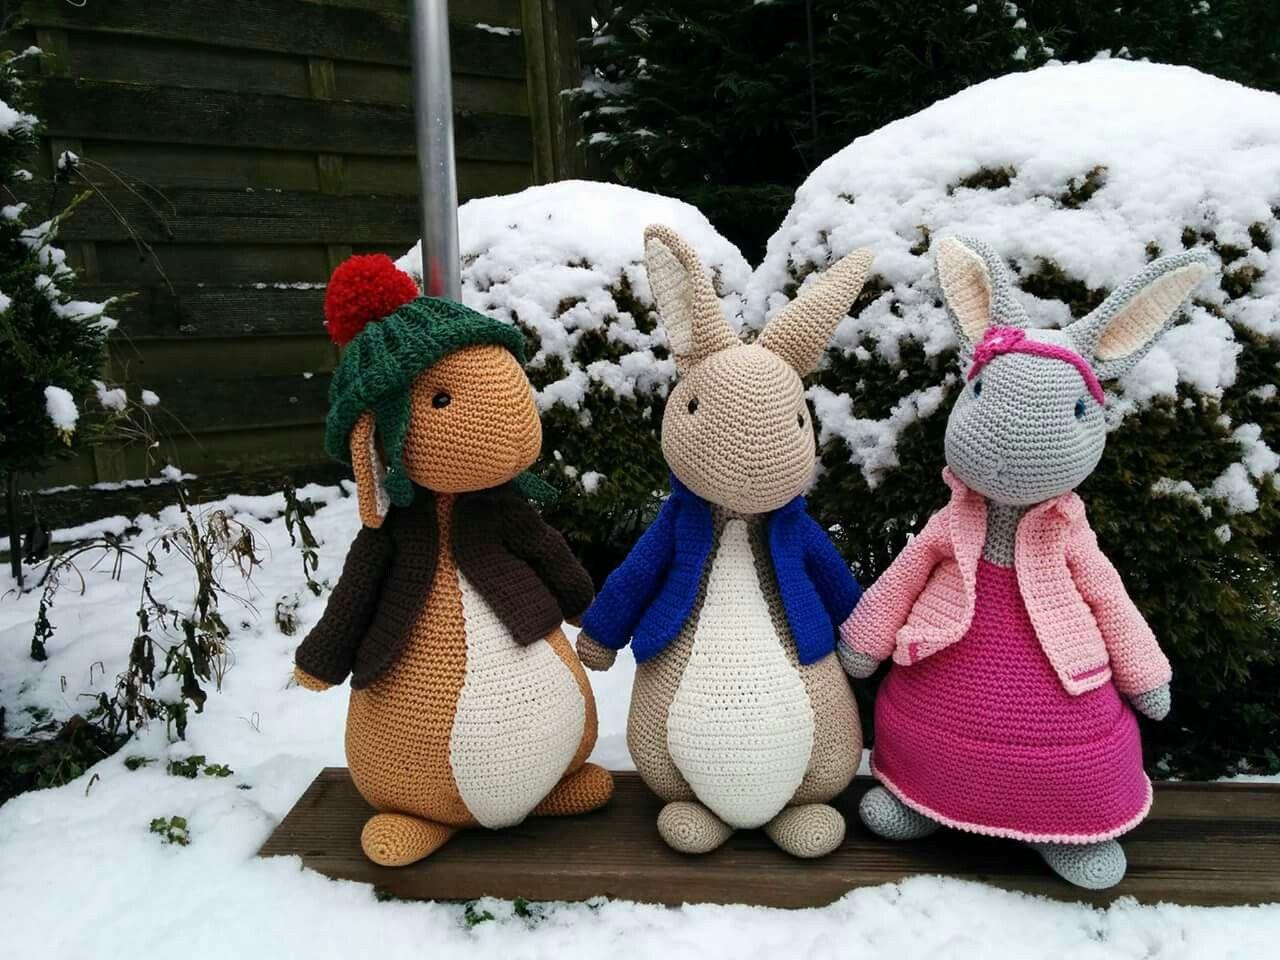 Benjamin Pieter Konijn En Lily Anja Toonen Amigurumi Crochet